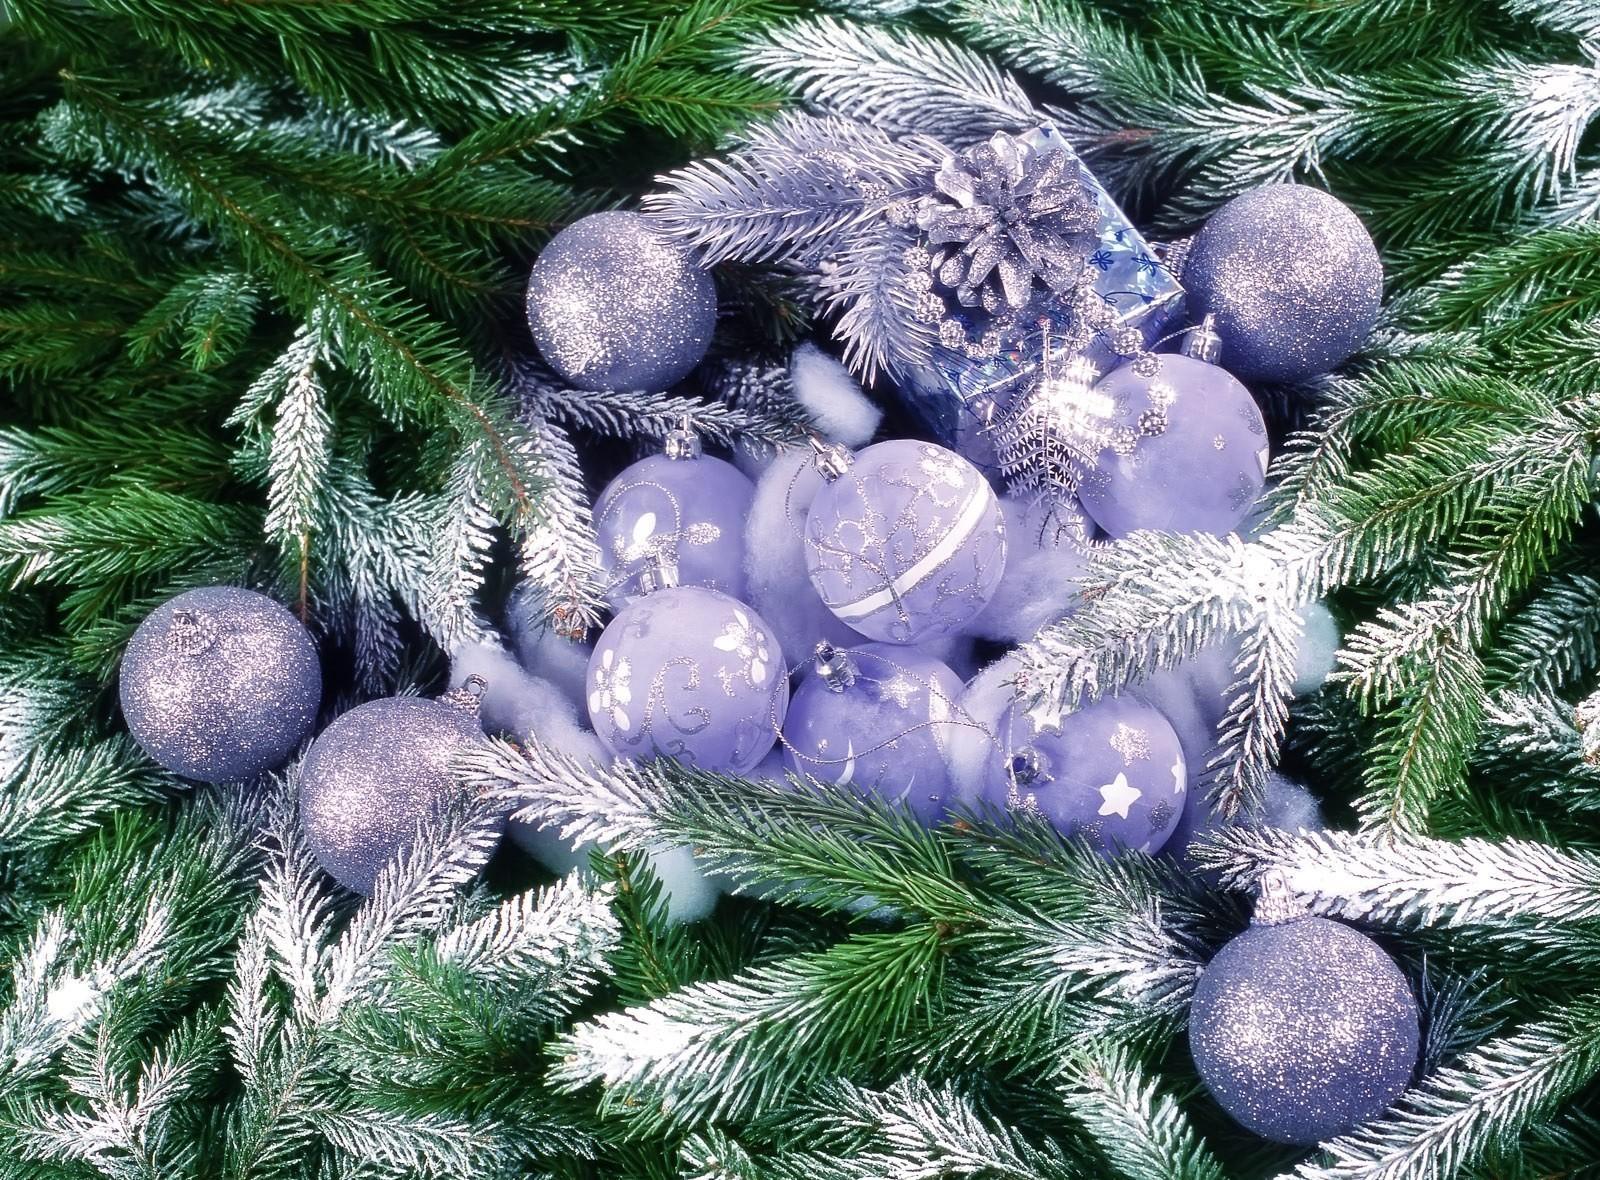 101337 Bildschirmschoner und Hintergrundbilder Feiertage auf Ihrem Telefon. Laden Sie Feiertage, Nadeln, Weihnachtsschmuck, Weihnachtsbaum Spielzeug, Weihnachtsbaum, Lametta, Bälle, Pailletten Bilder kostenlos herunter